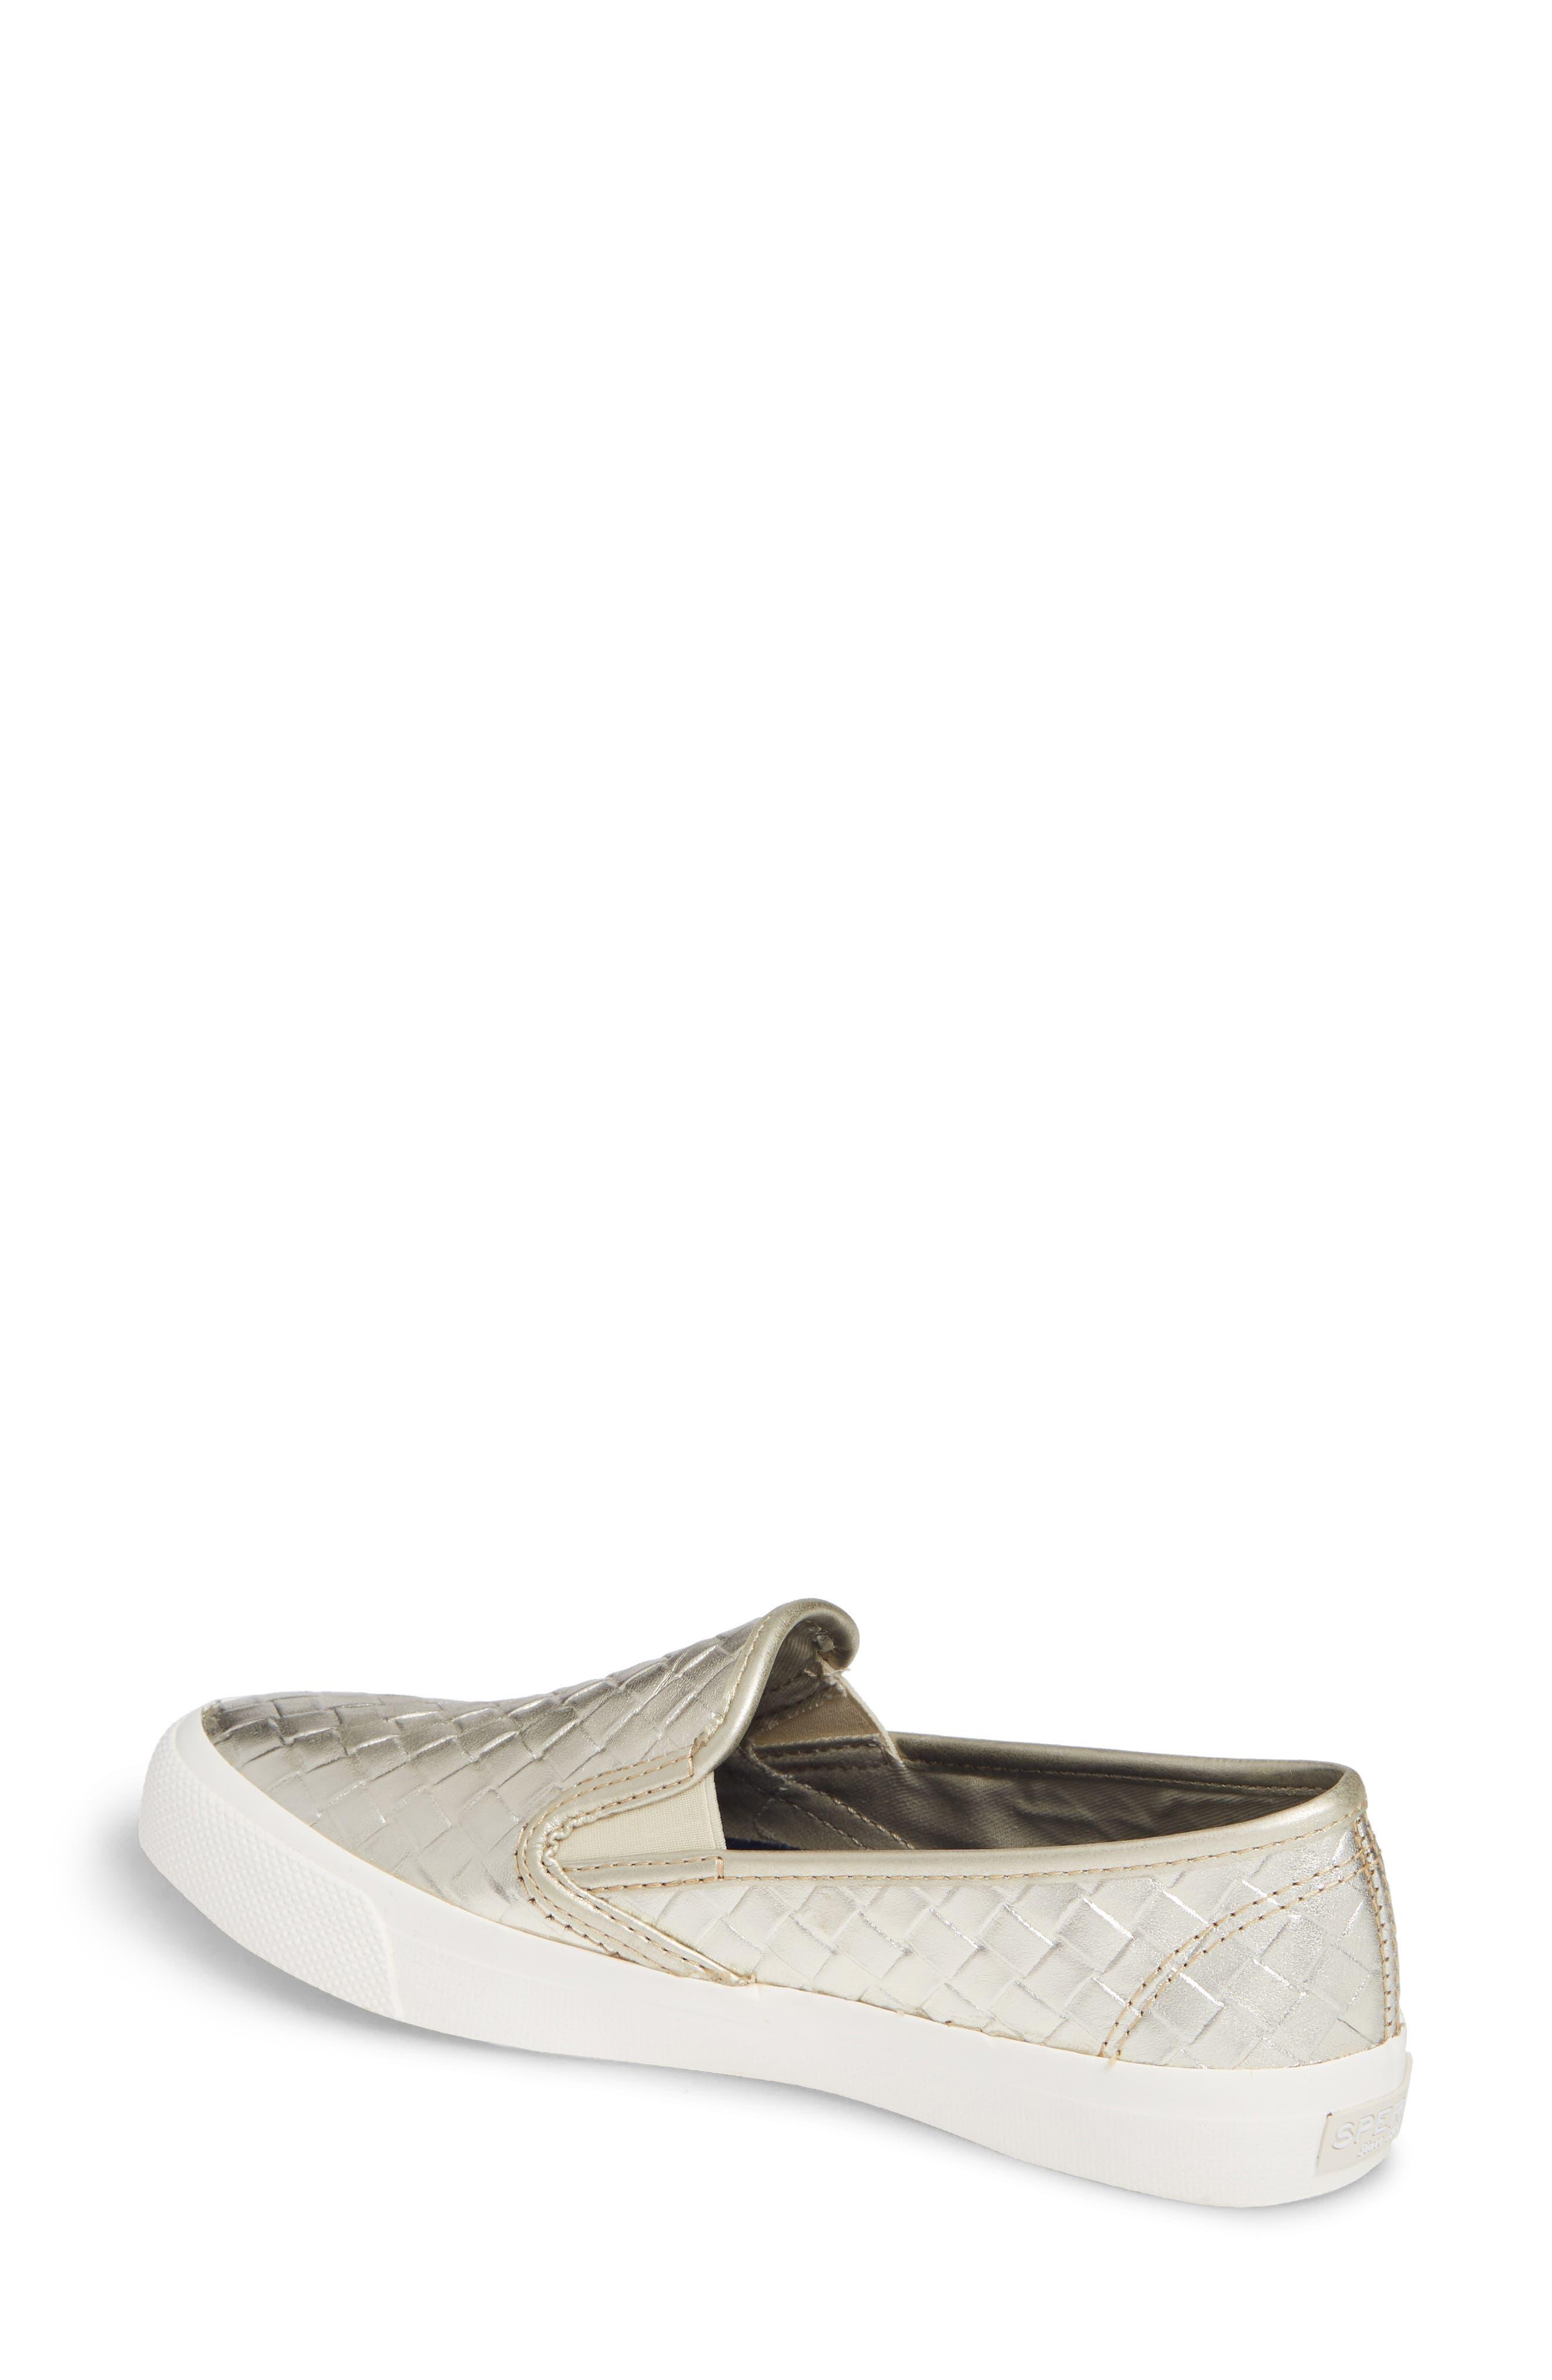 Seaside Embossed Weave Slip-On Sneaker,                             Alternate thumbnail 2, color,                             PLATINUM LEATHER